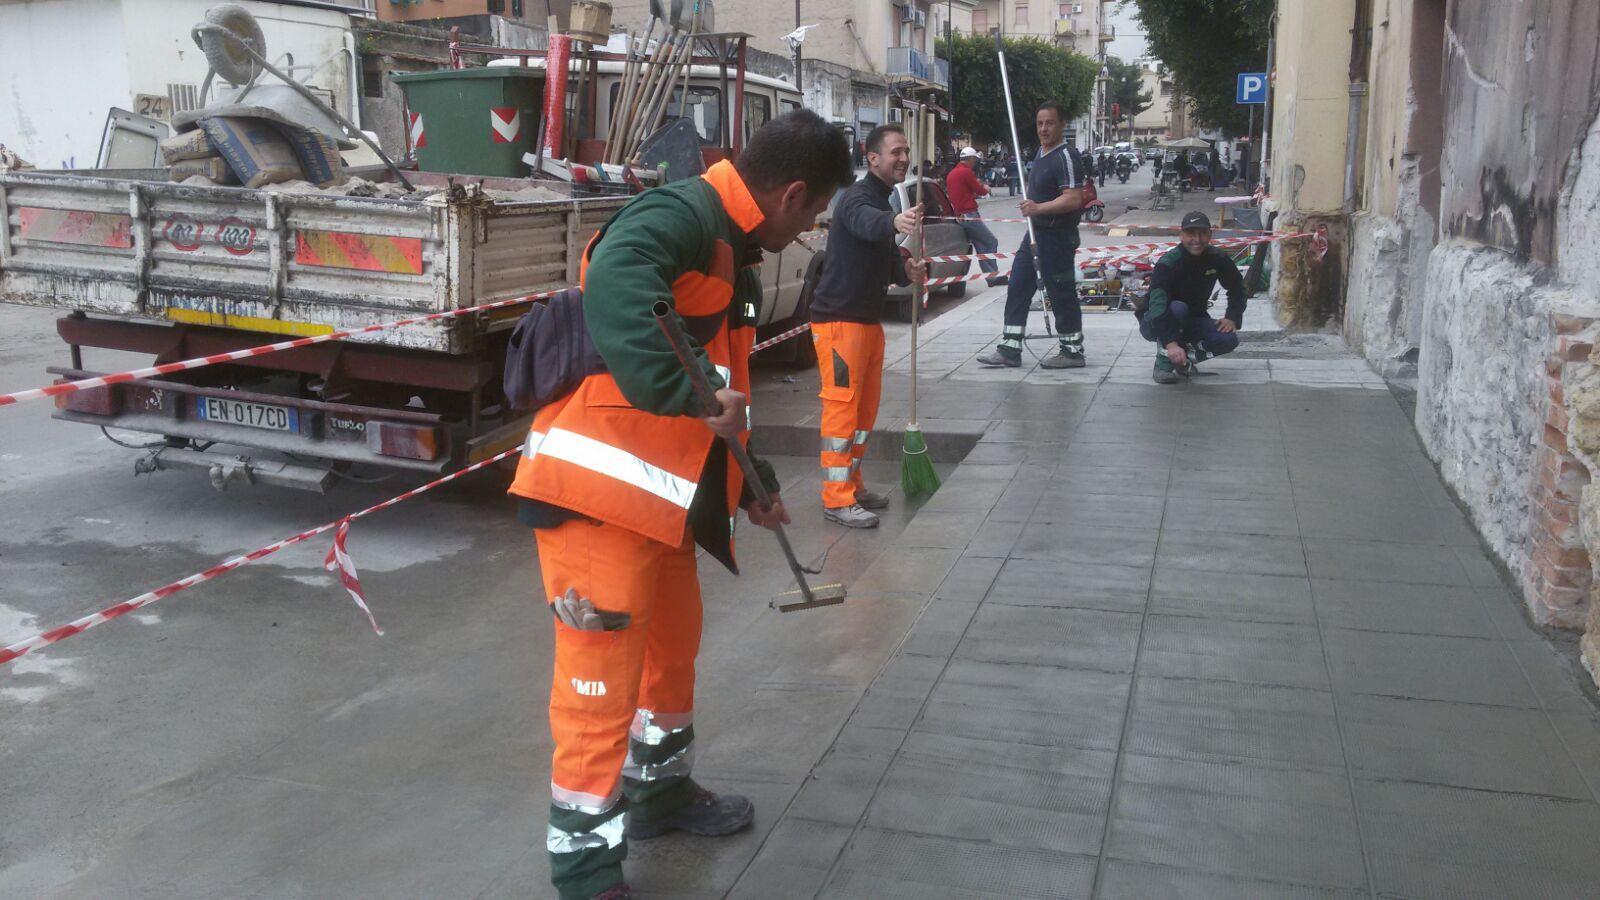 Palermo: arrivano fondi per strade, scuole, cimitero e progettazione